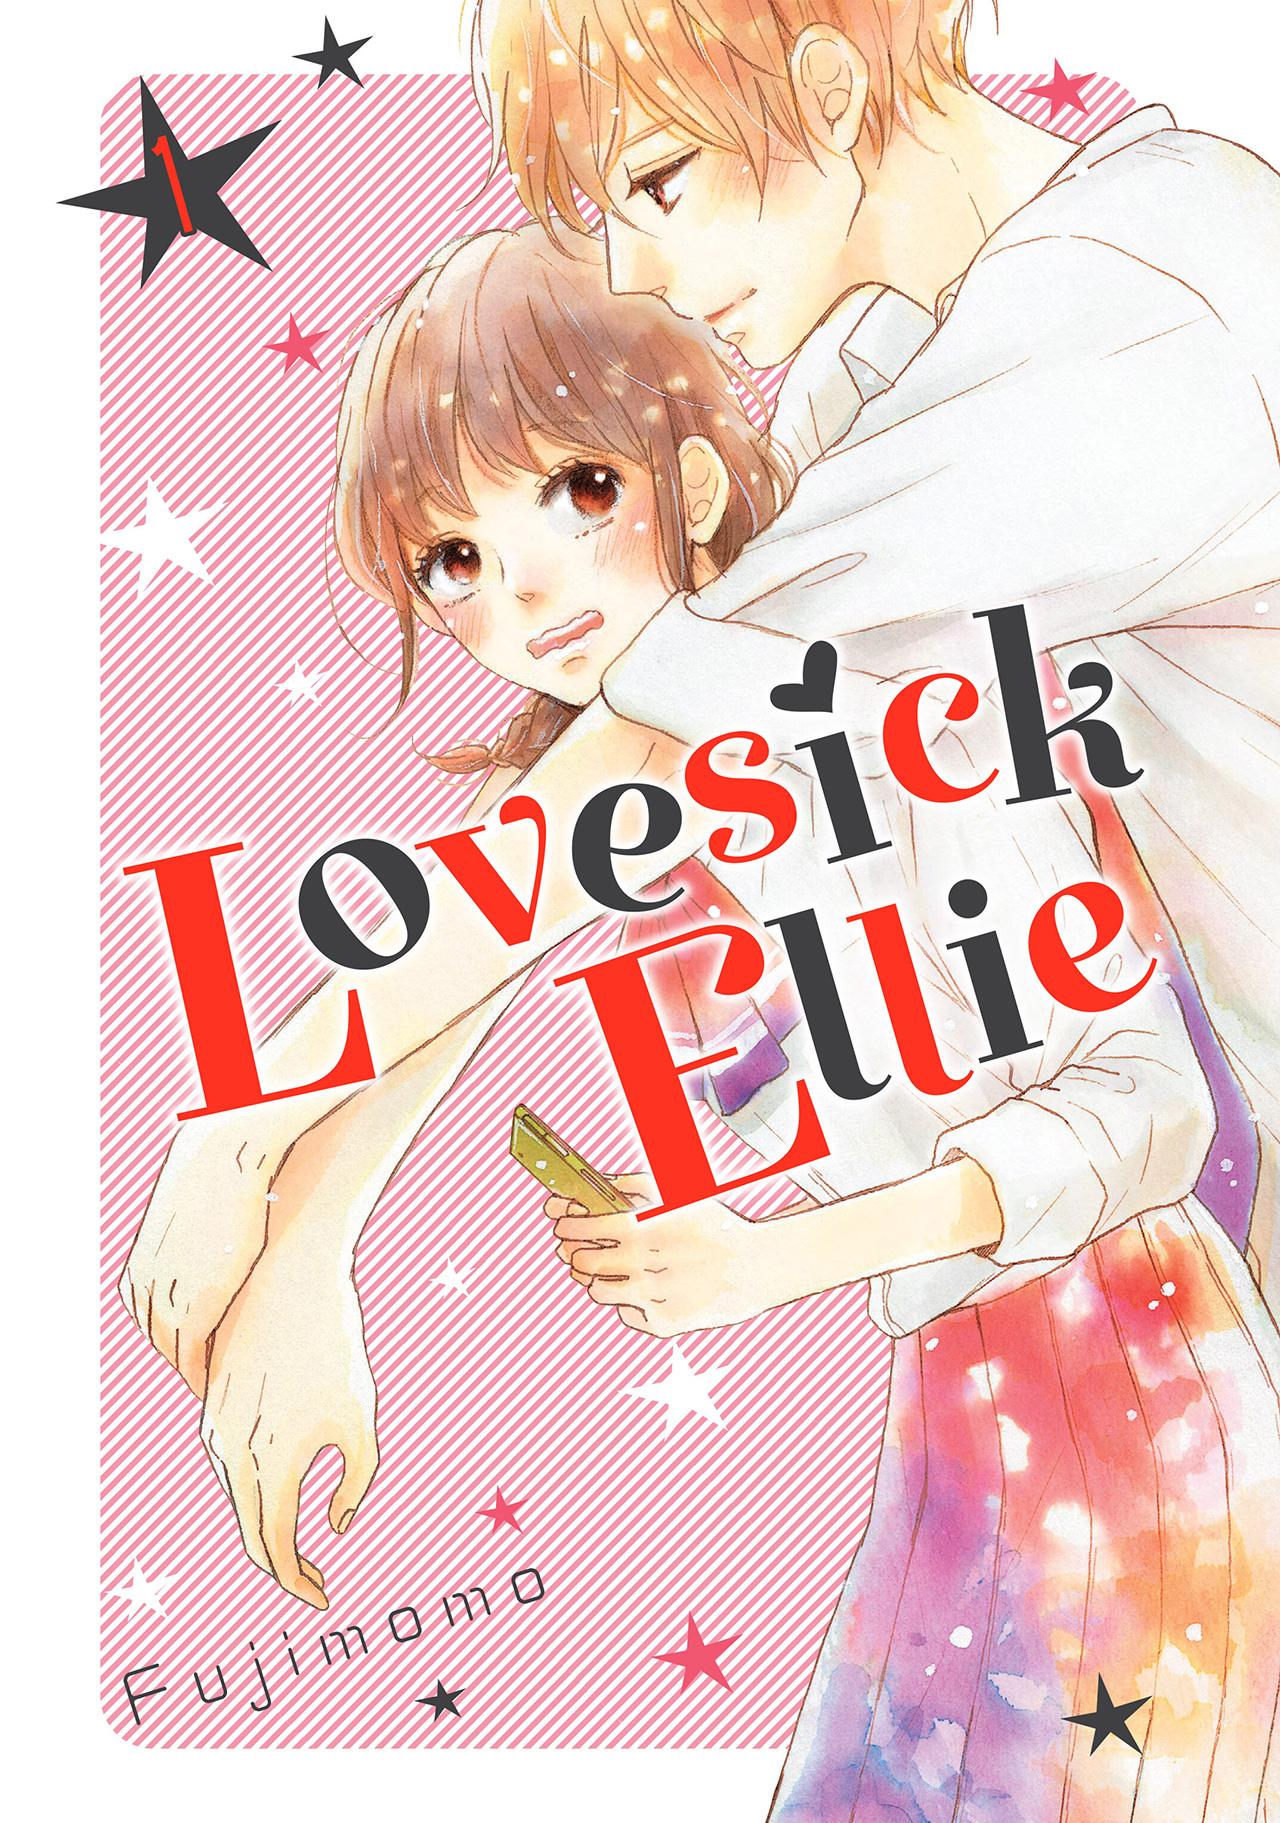 Capa do volume 1 de Lovesick Ellie